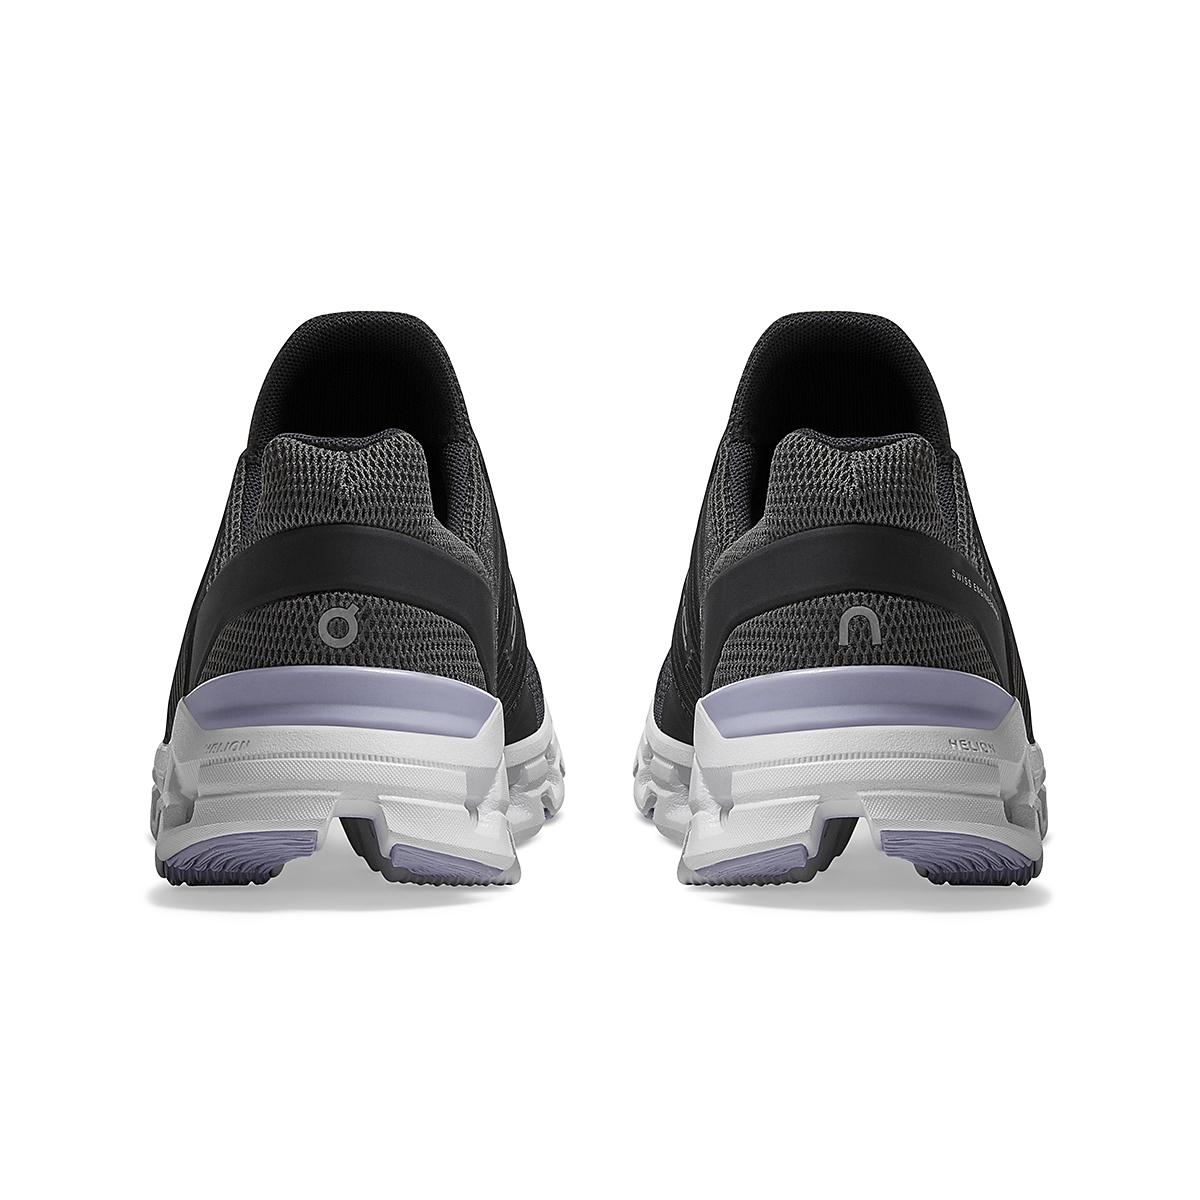 Women's On Cloudswift 2.0 Running Shoe - Color: Magnet/Lavender - Size: 5 - Width: Regular, Magnet/Lavender, large, image 5